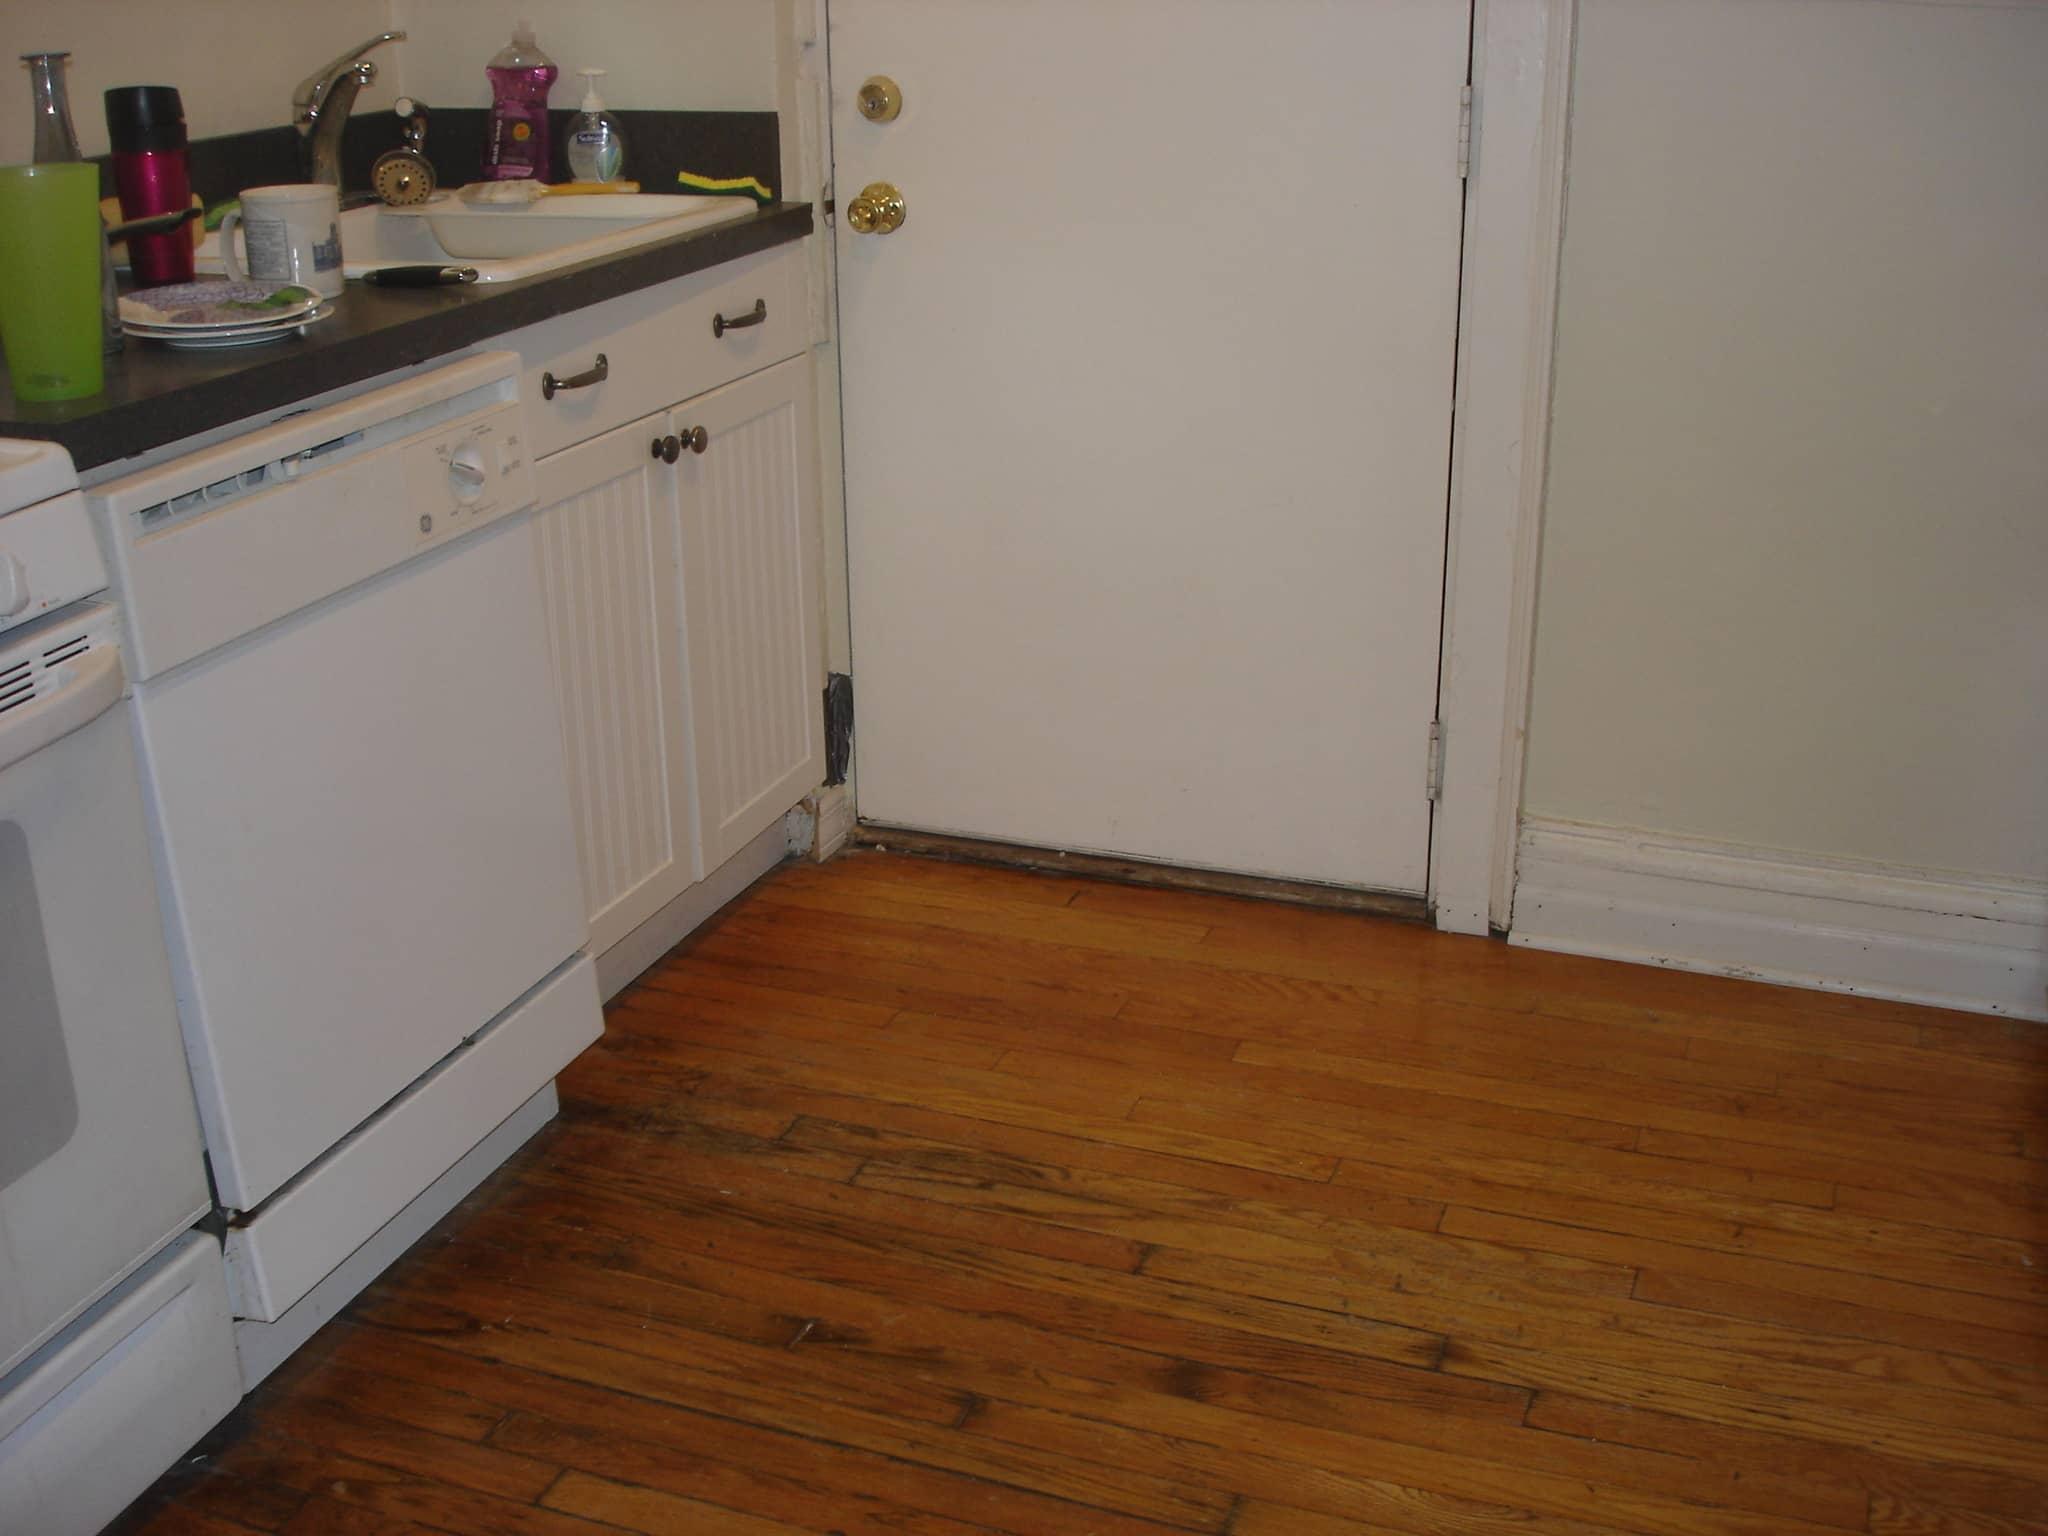 Alex's Cheery Chicago Kitchen: gallery image 5